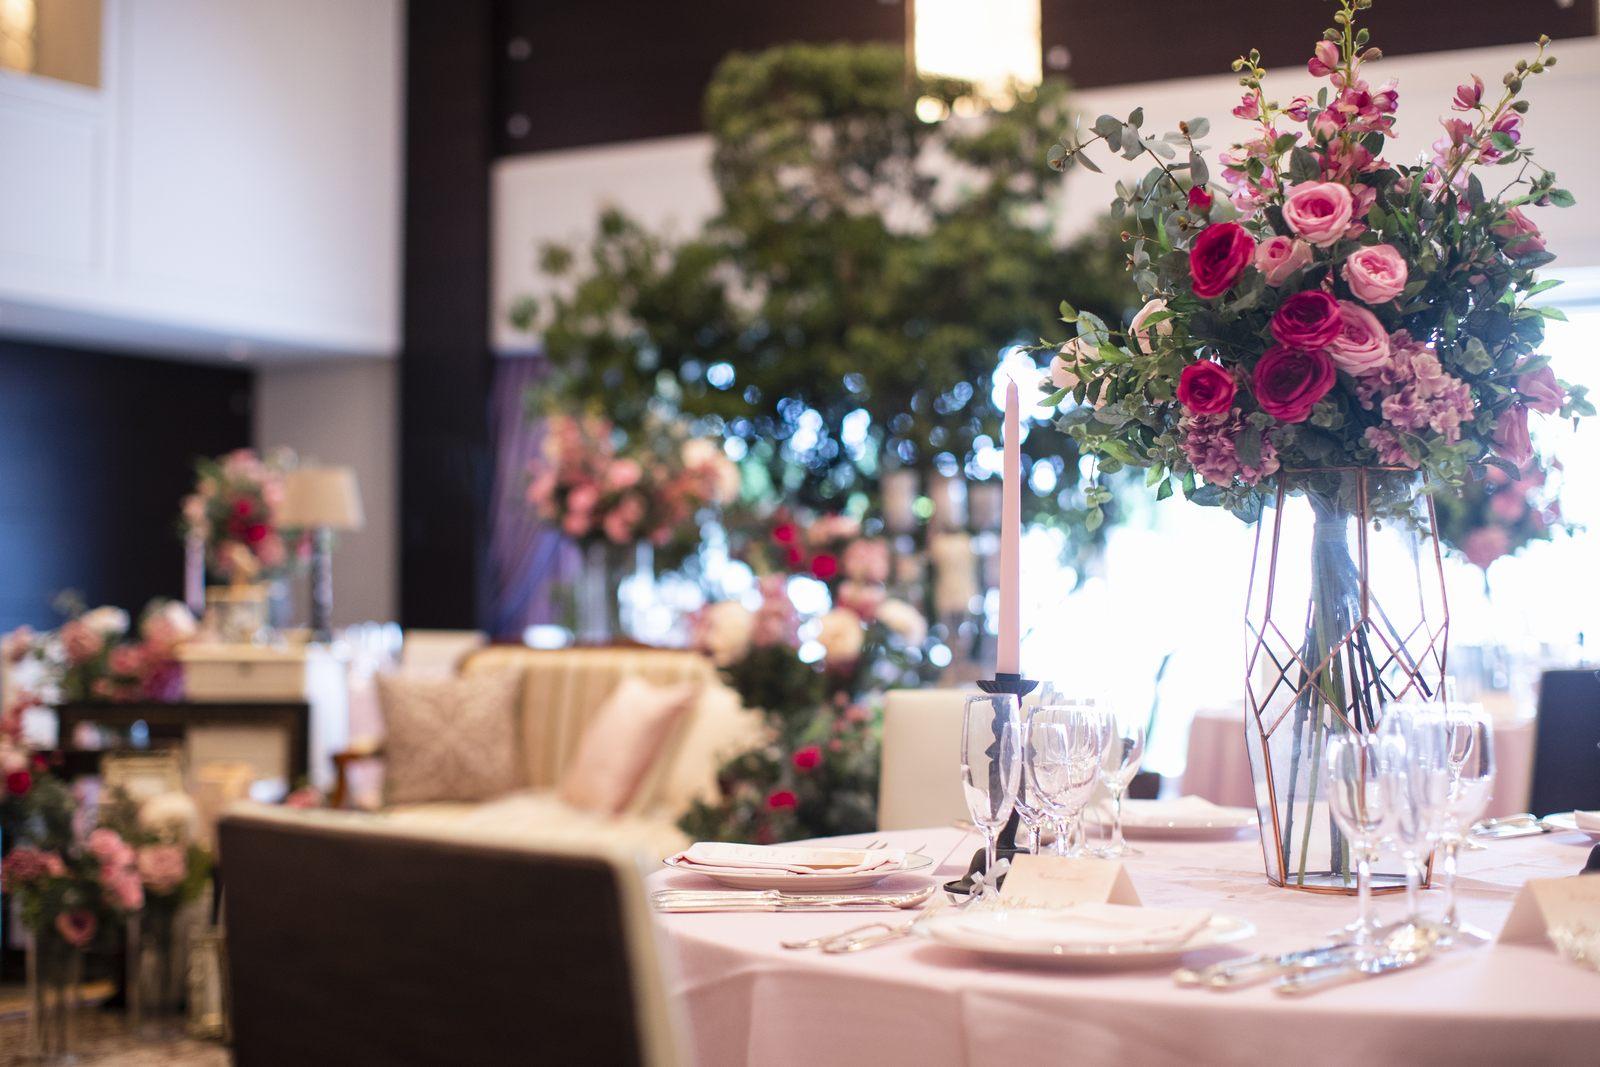 香川県の結婚式場のシェルエメール&アイスタイルの会場